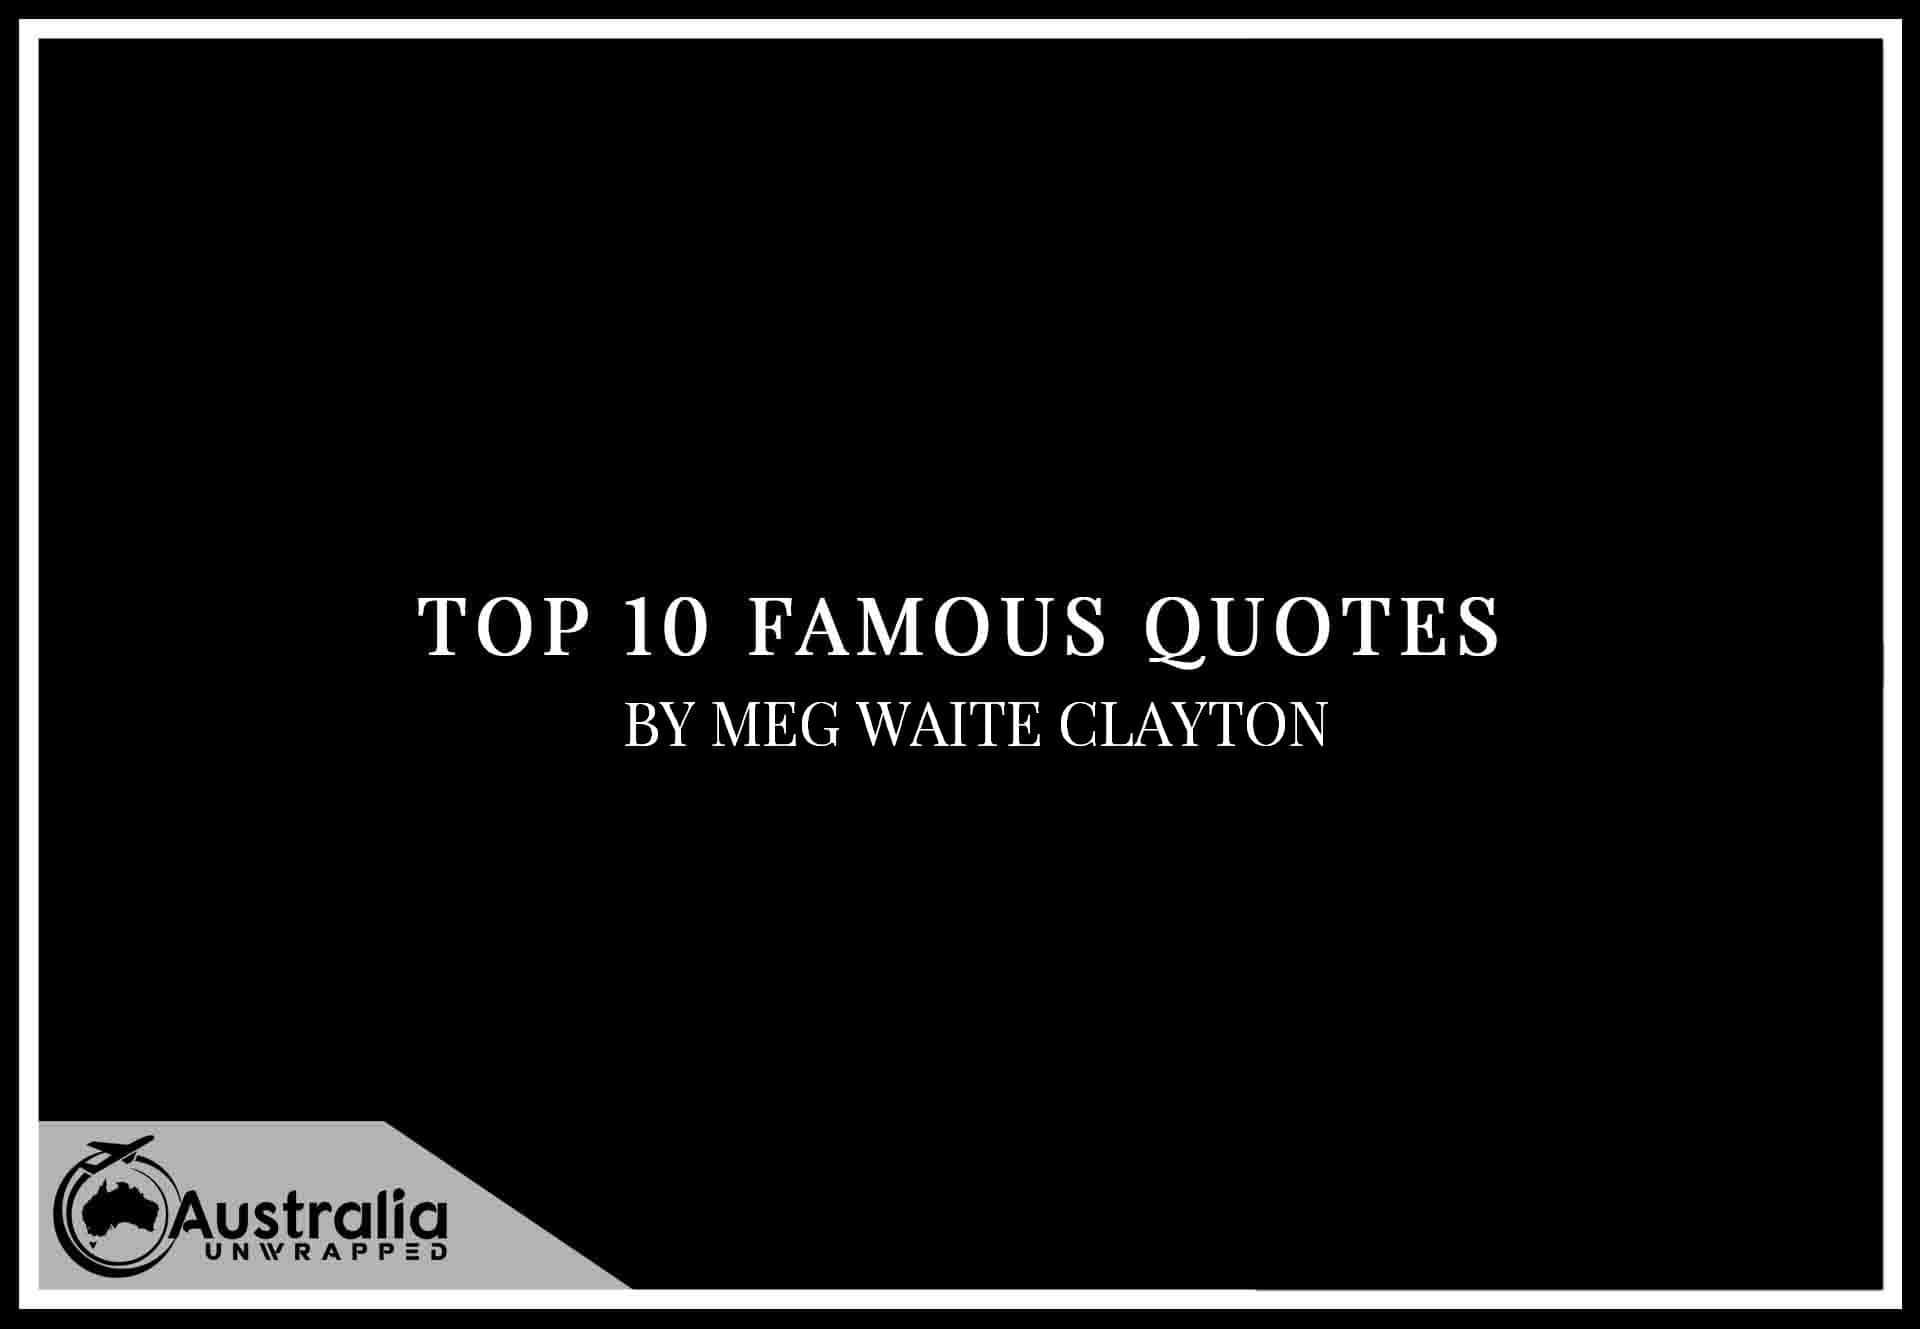 Top 10 Famous Quotes by Author Meg Waite Clayton